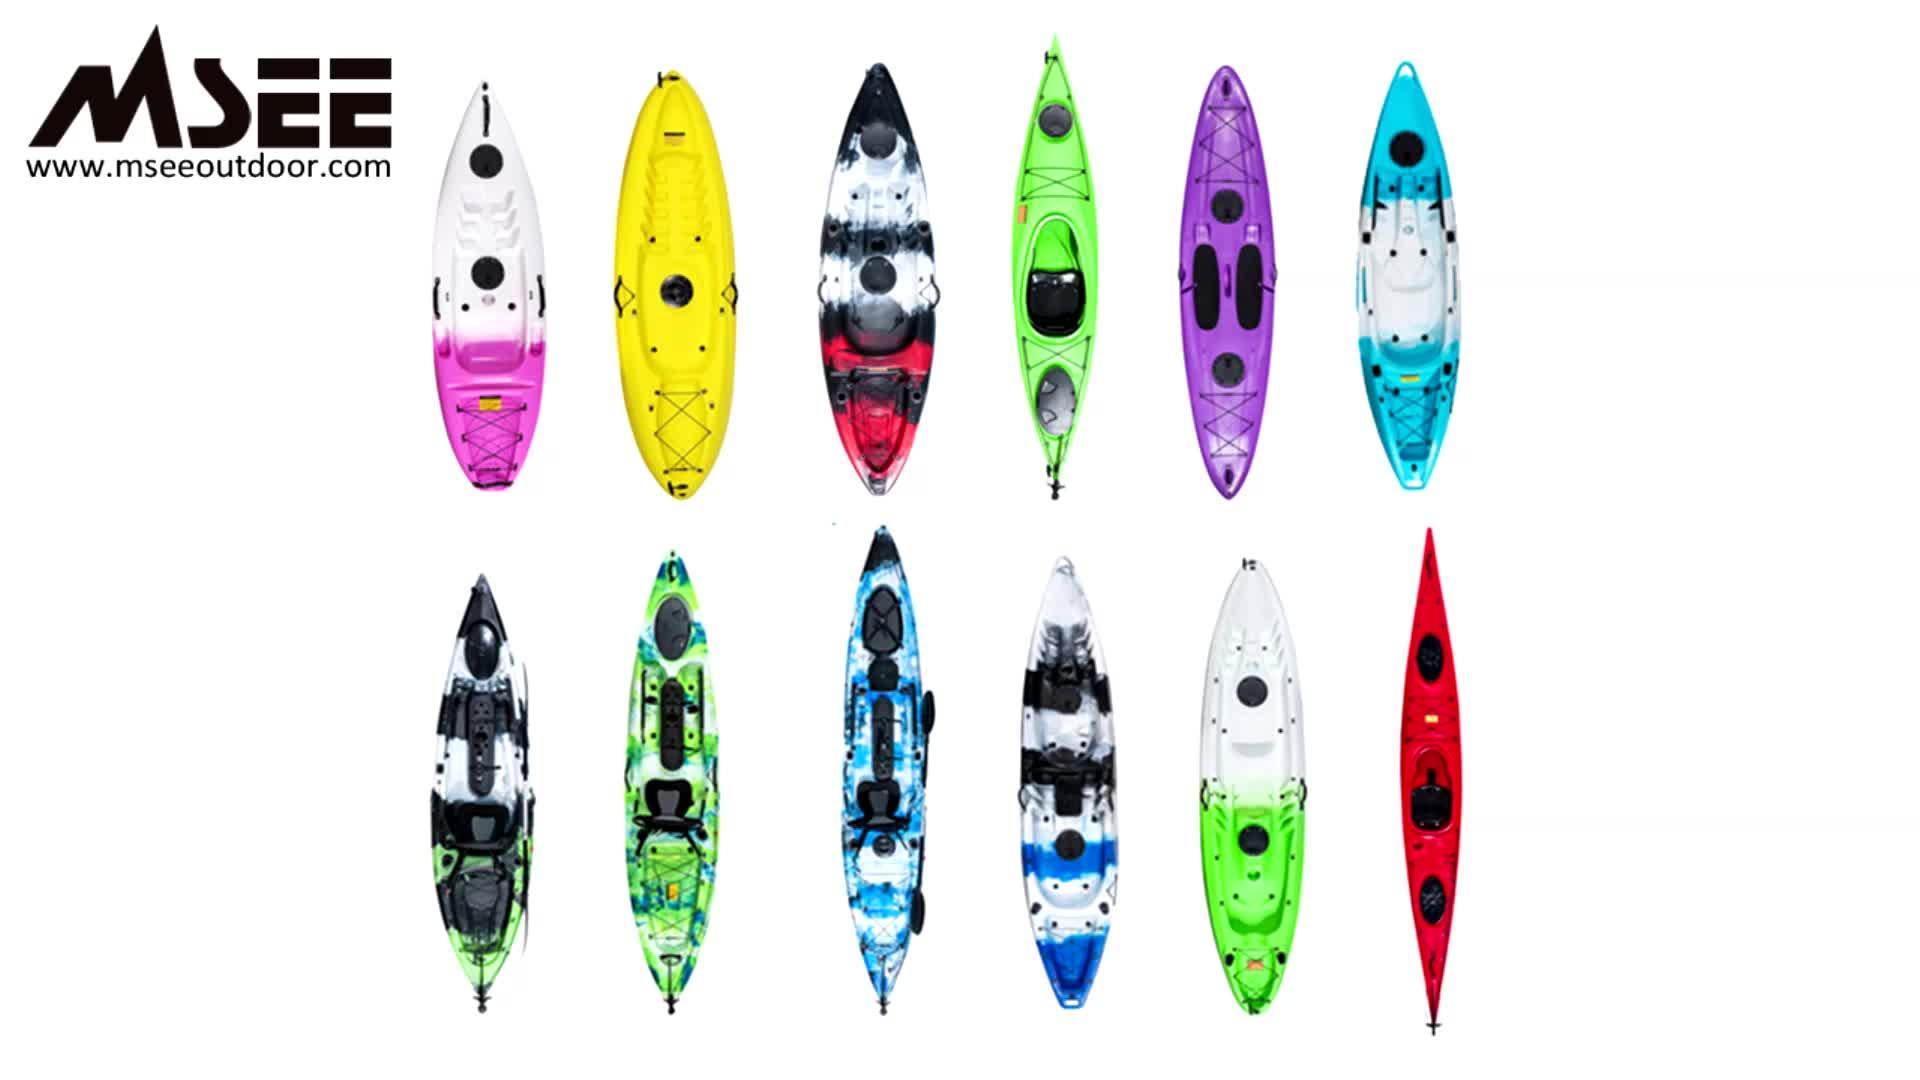 Kajak kayak océano 2 personas con kayak 2 personas gira buoyance kayak